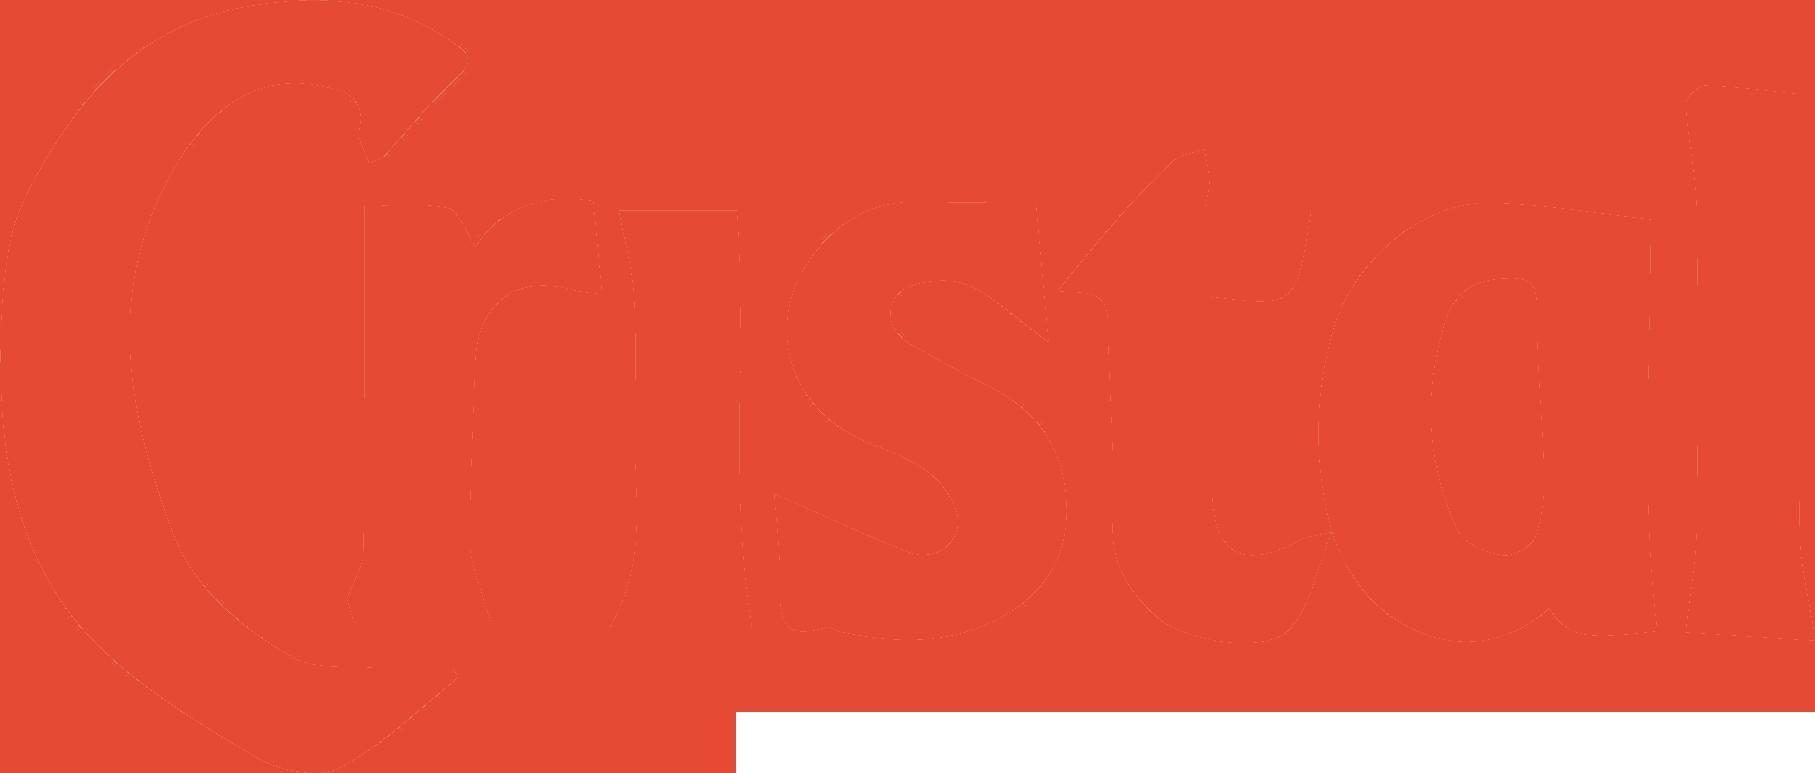 Cristal_orange.png